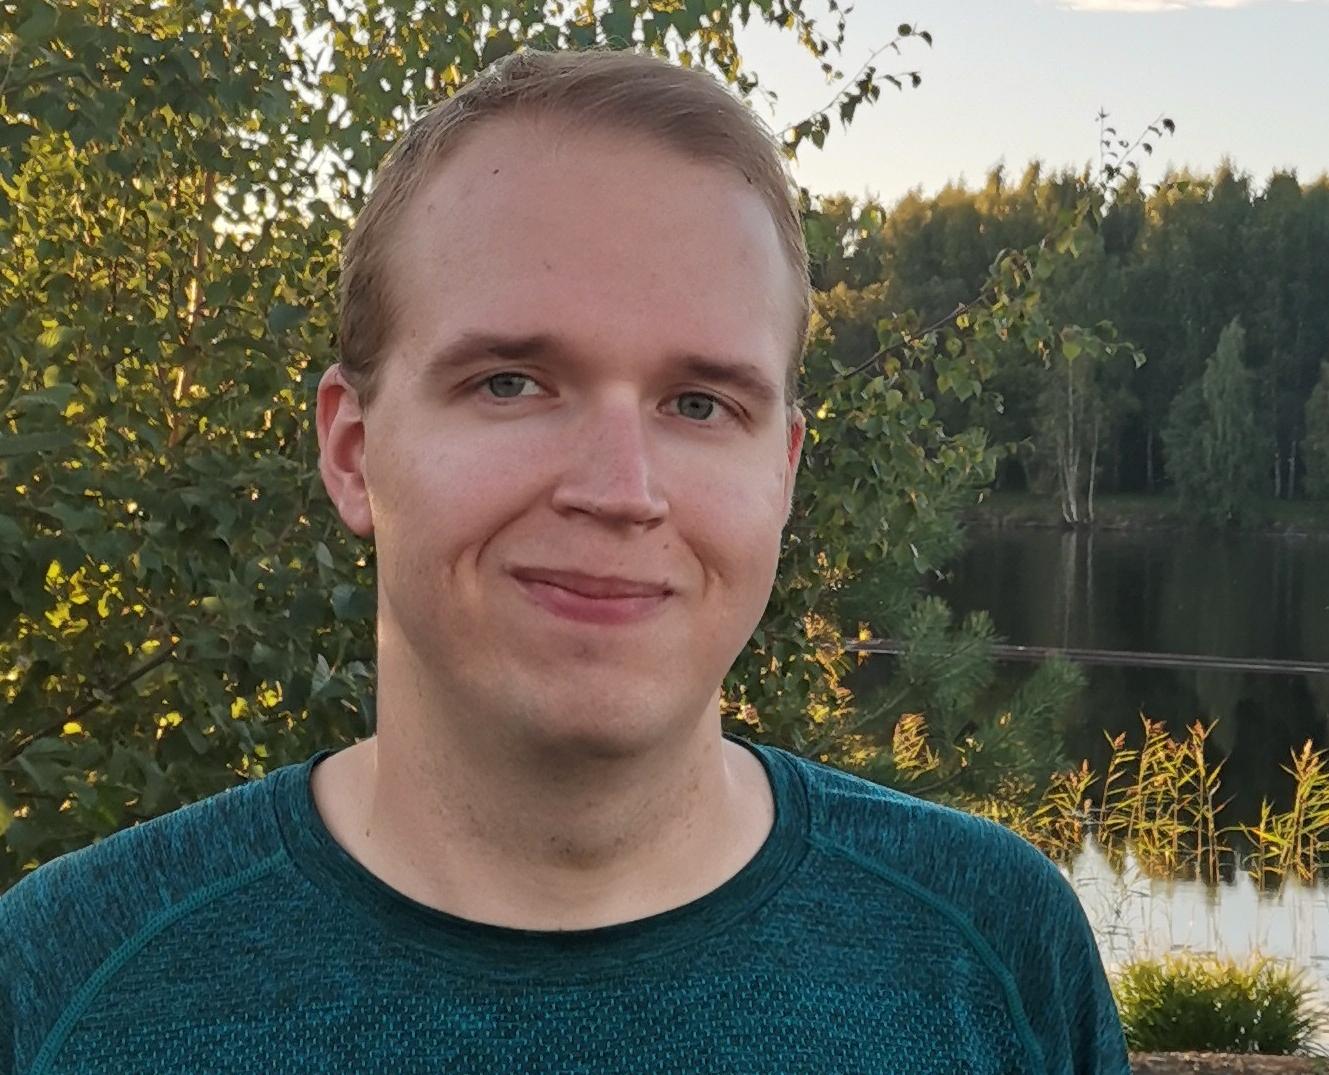 Tuomo Holopainen